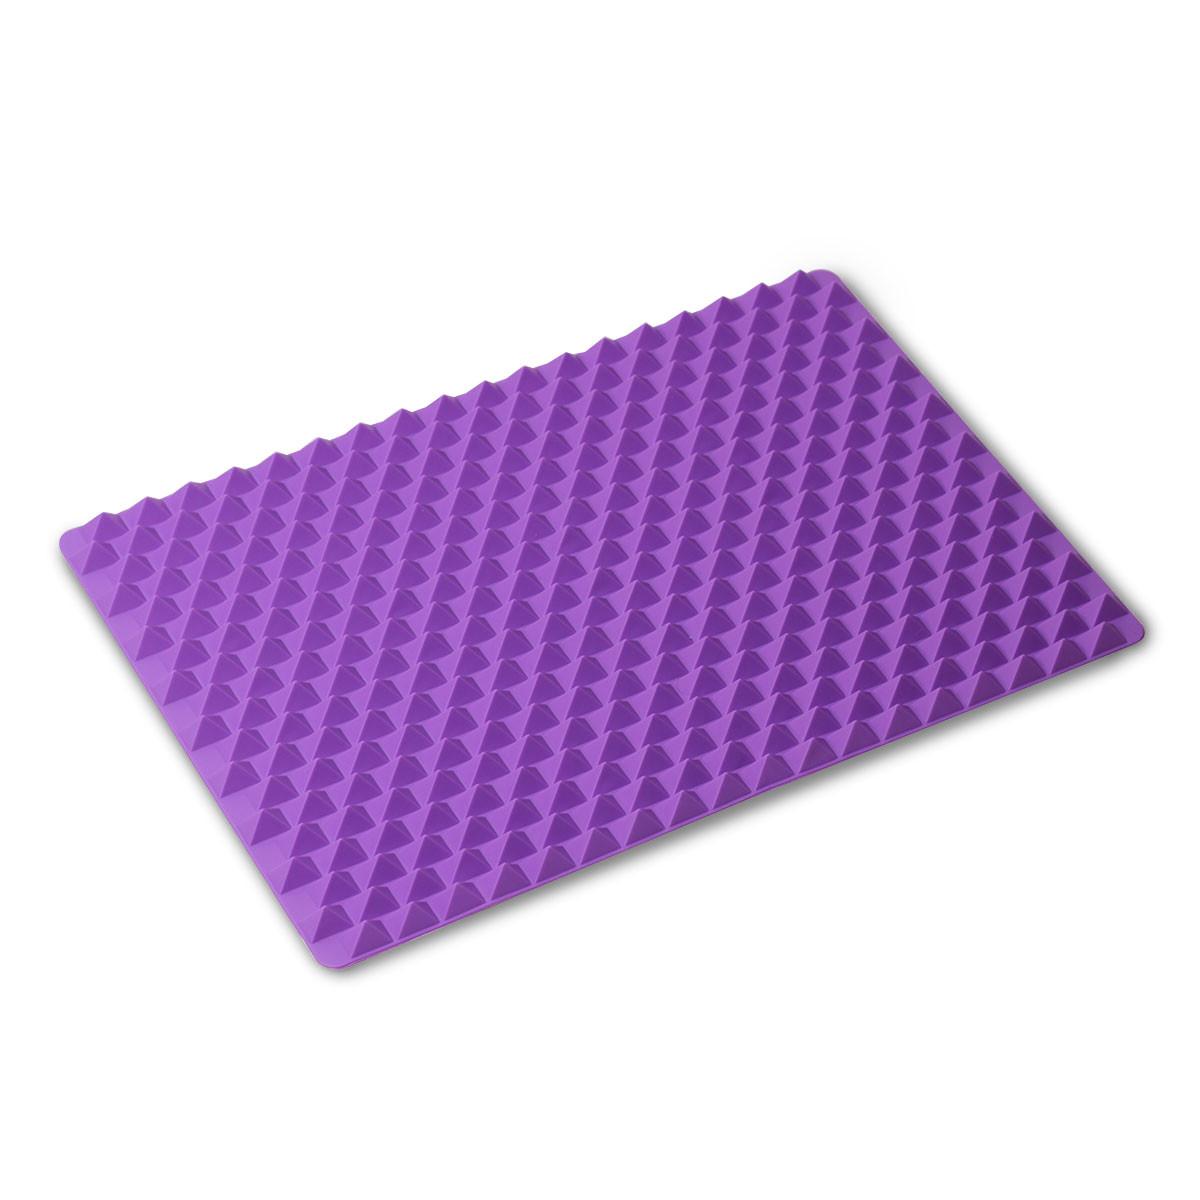 Коврик силиконовый Kamille (прямоугольный) 41*28*1.5см KM-7749